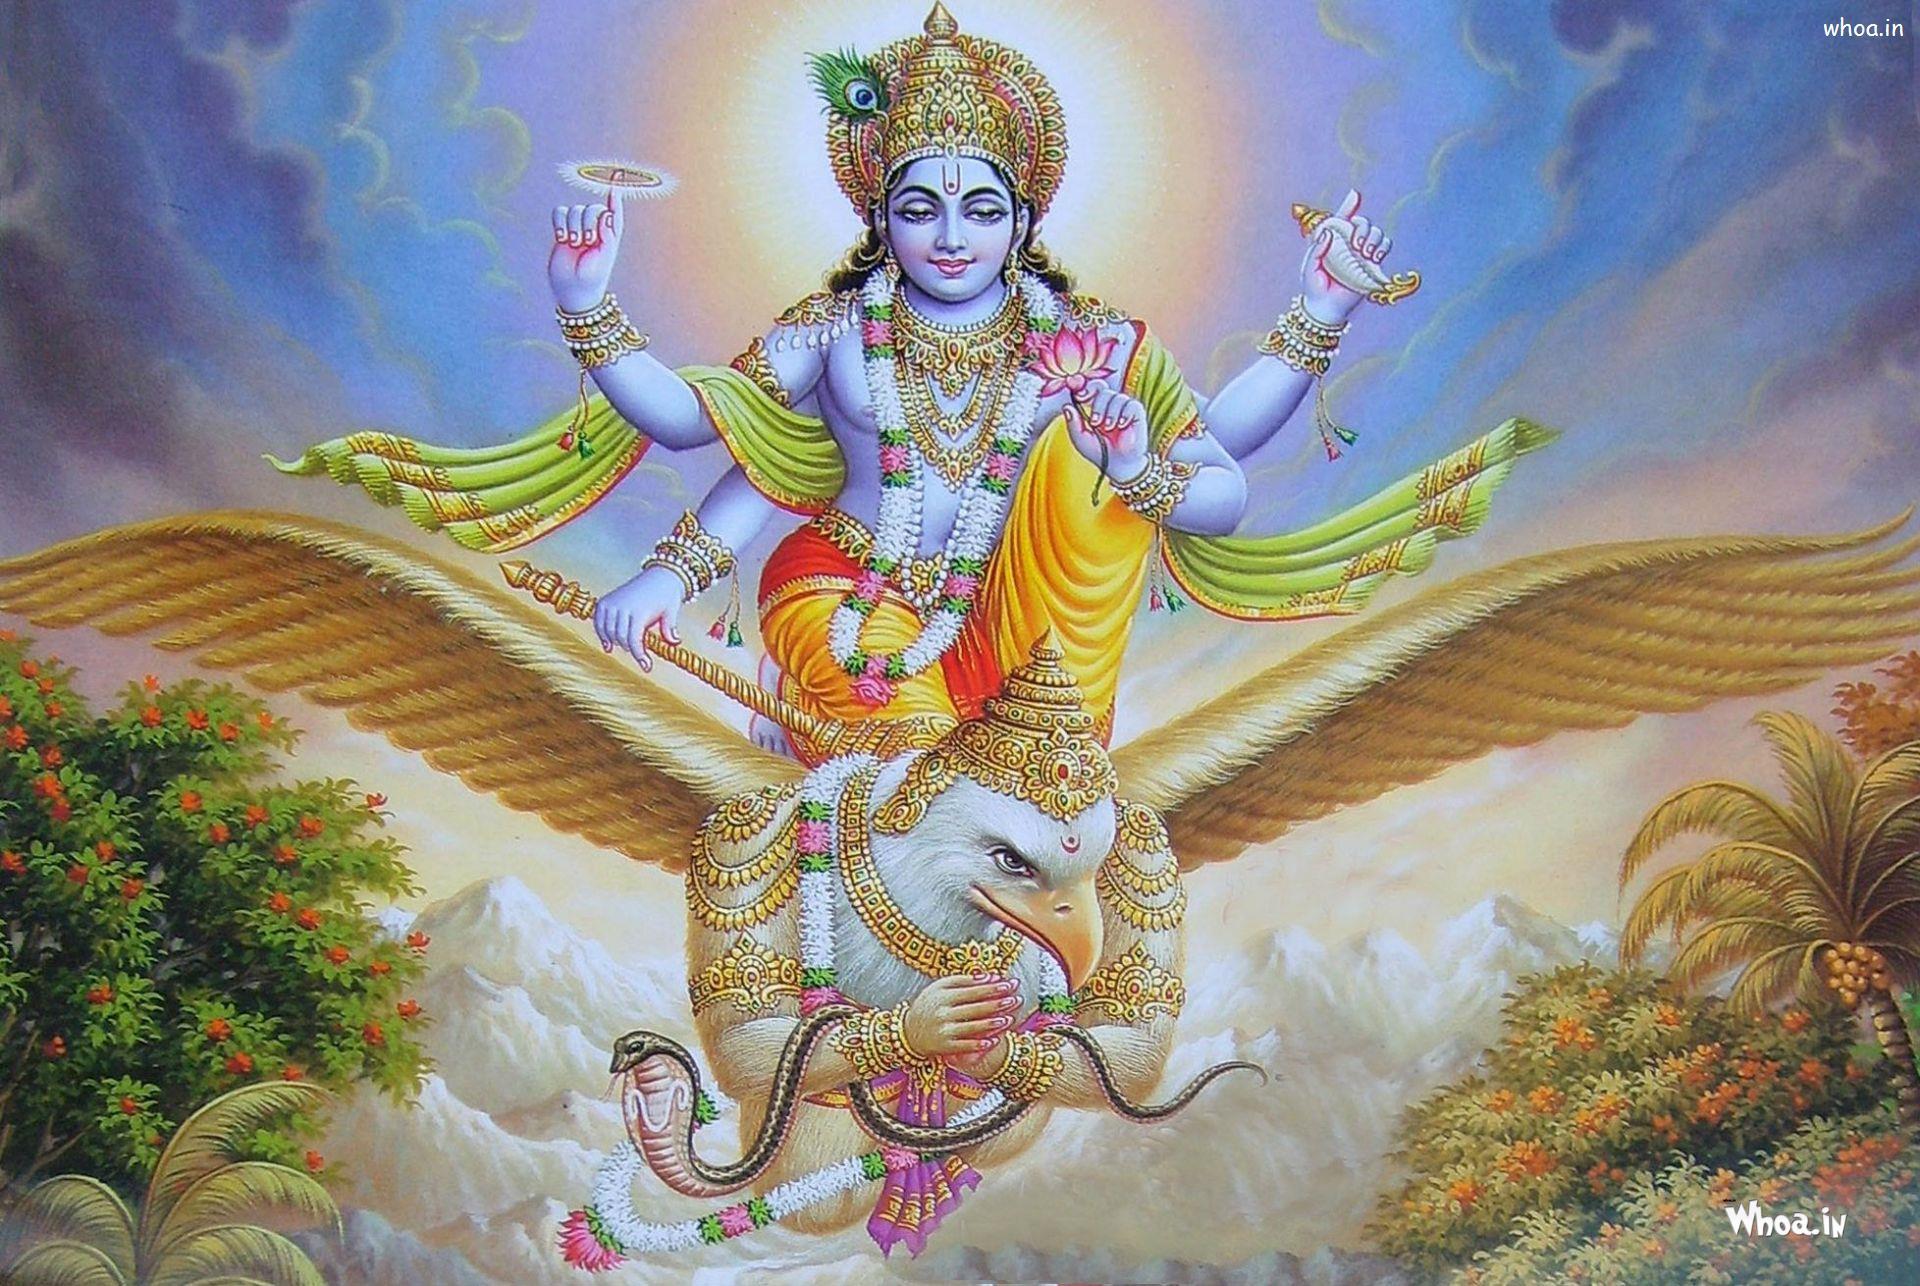 Amazing Wallpaper Lord Mahavishnu - lord-vishnu-setting-on-garuda-art-hd-wallpaper  Image_39486.in/download/lord-vishnu-setting-on-garuda-art-hd-wallpaper